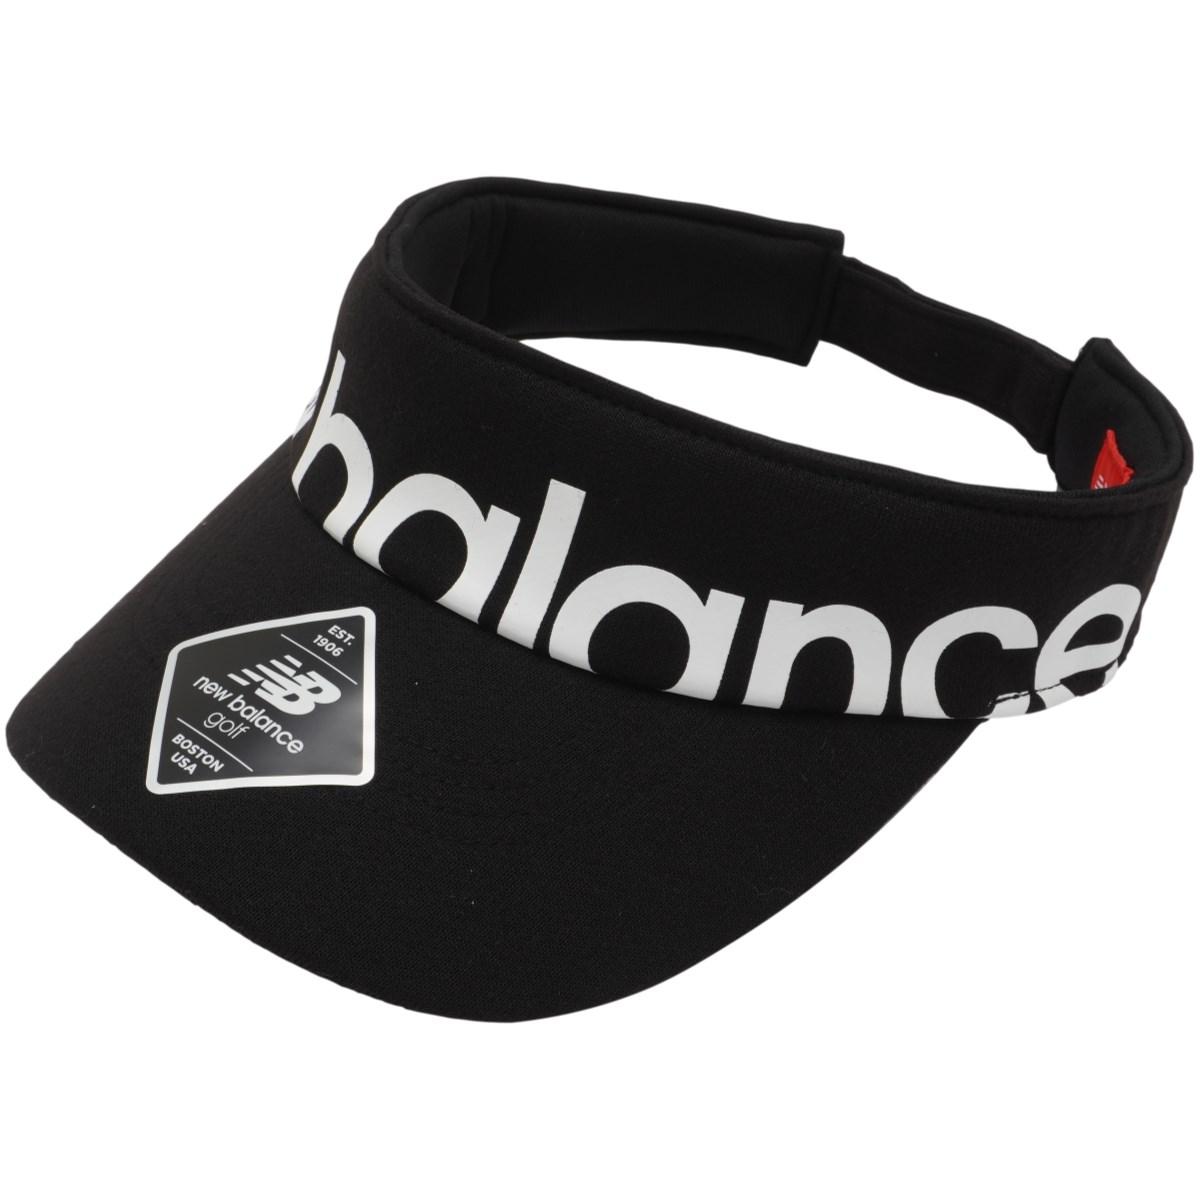 ニューバランス New Balance SPORT サンバイザー フリー ブラック レディス